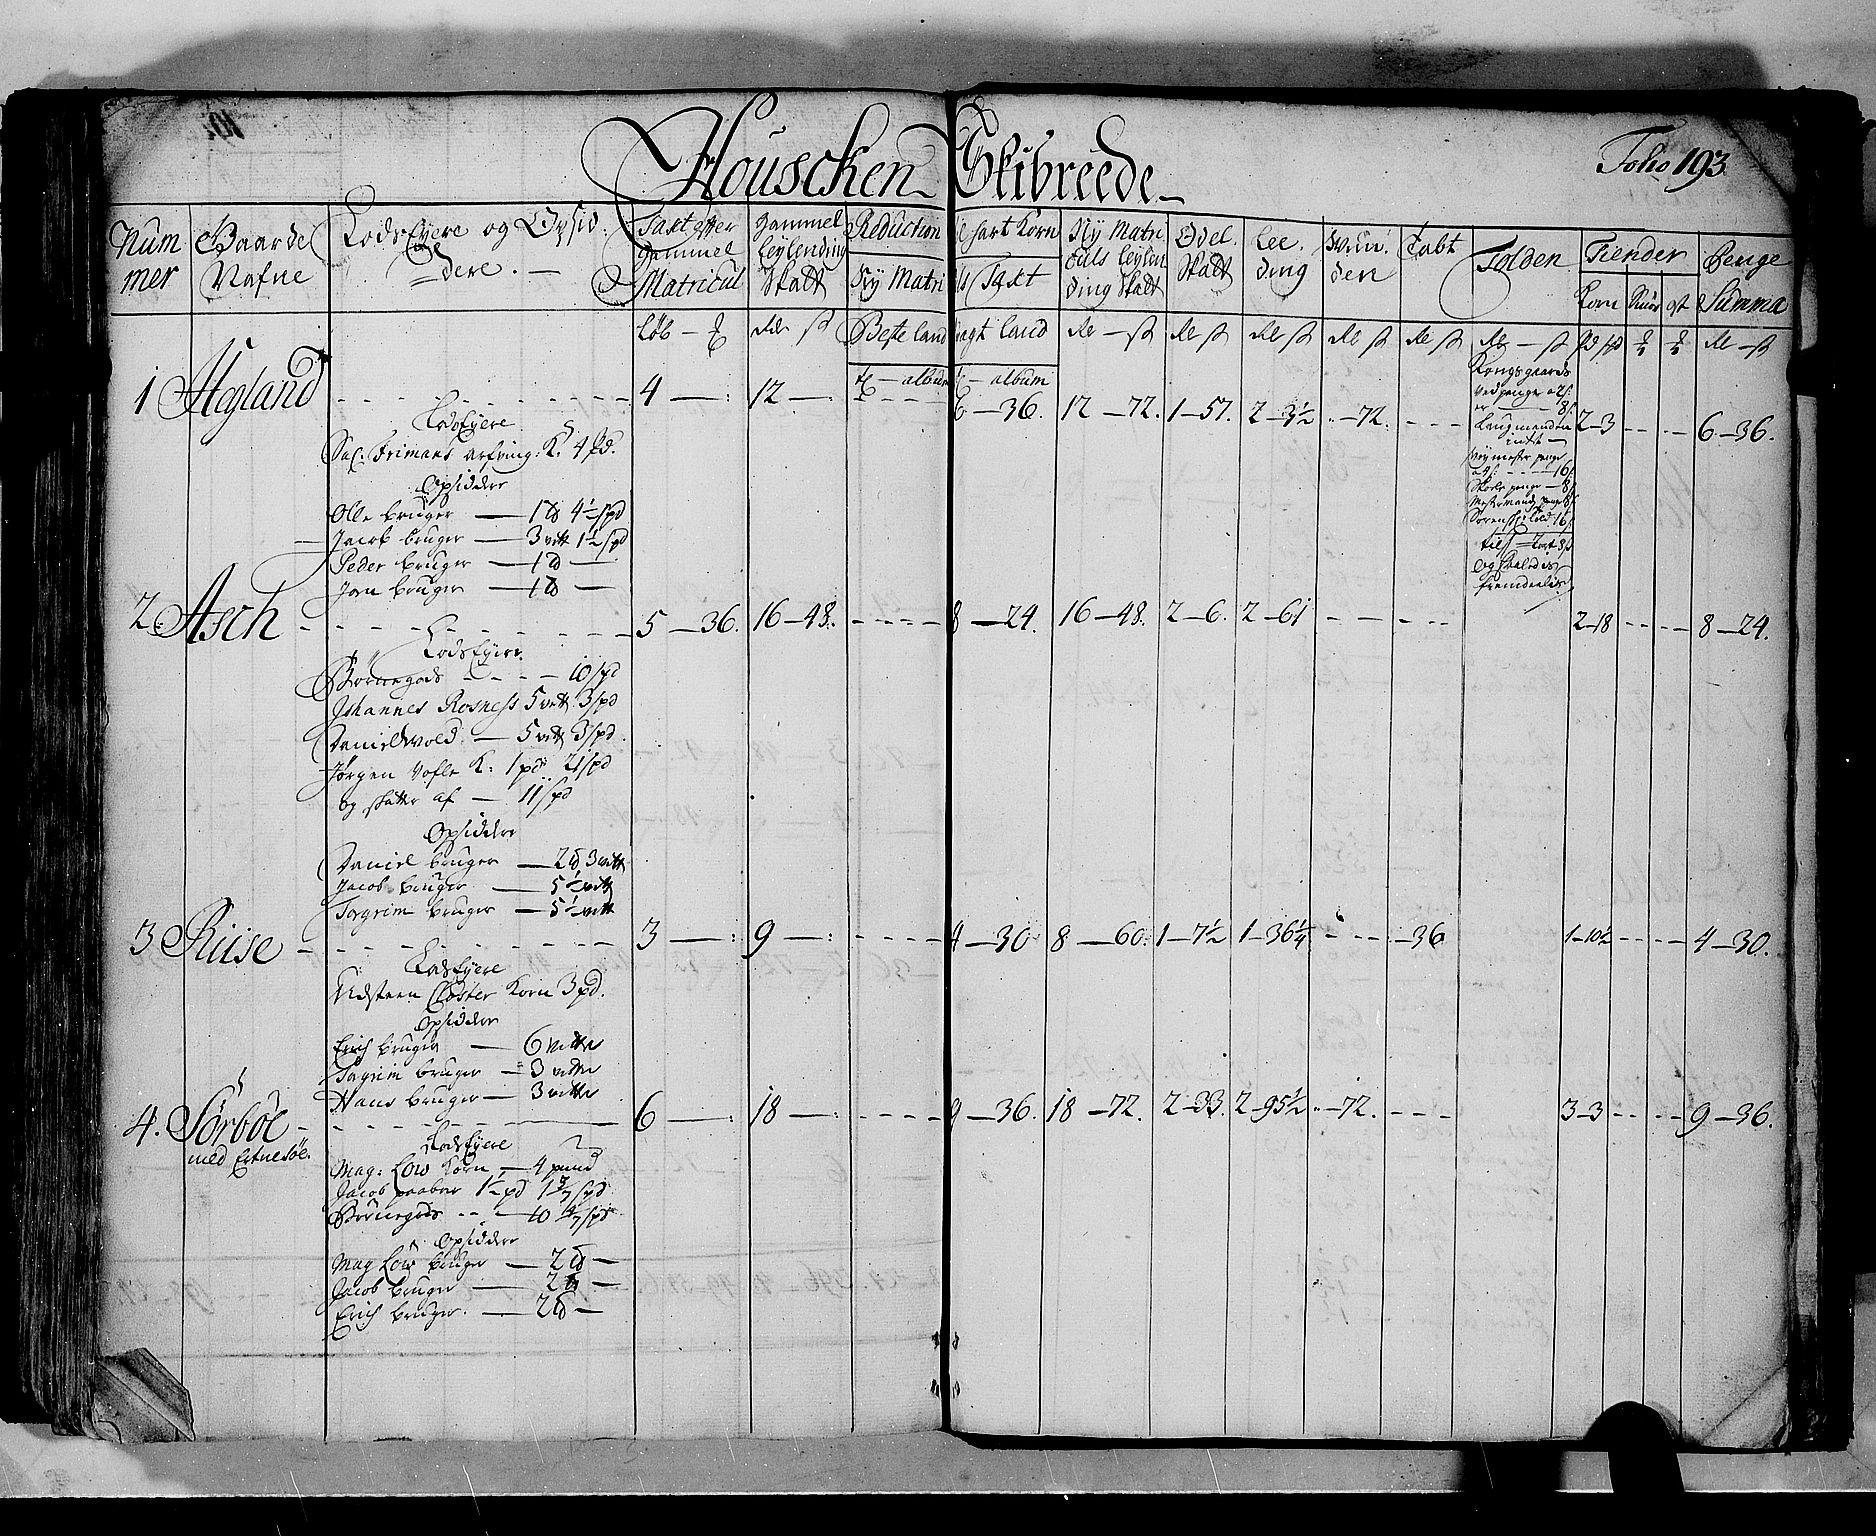 RA, Rentekammeret inntil 1814, Realistisk ordnet avdeling, N/Nb/Nbf/L0133b: Ryfylke matrikkelprotokoll, 1723, s. 192b-193a